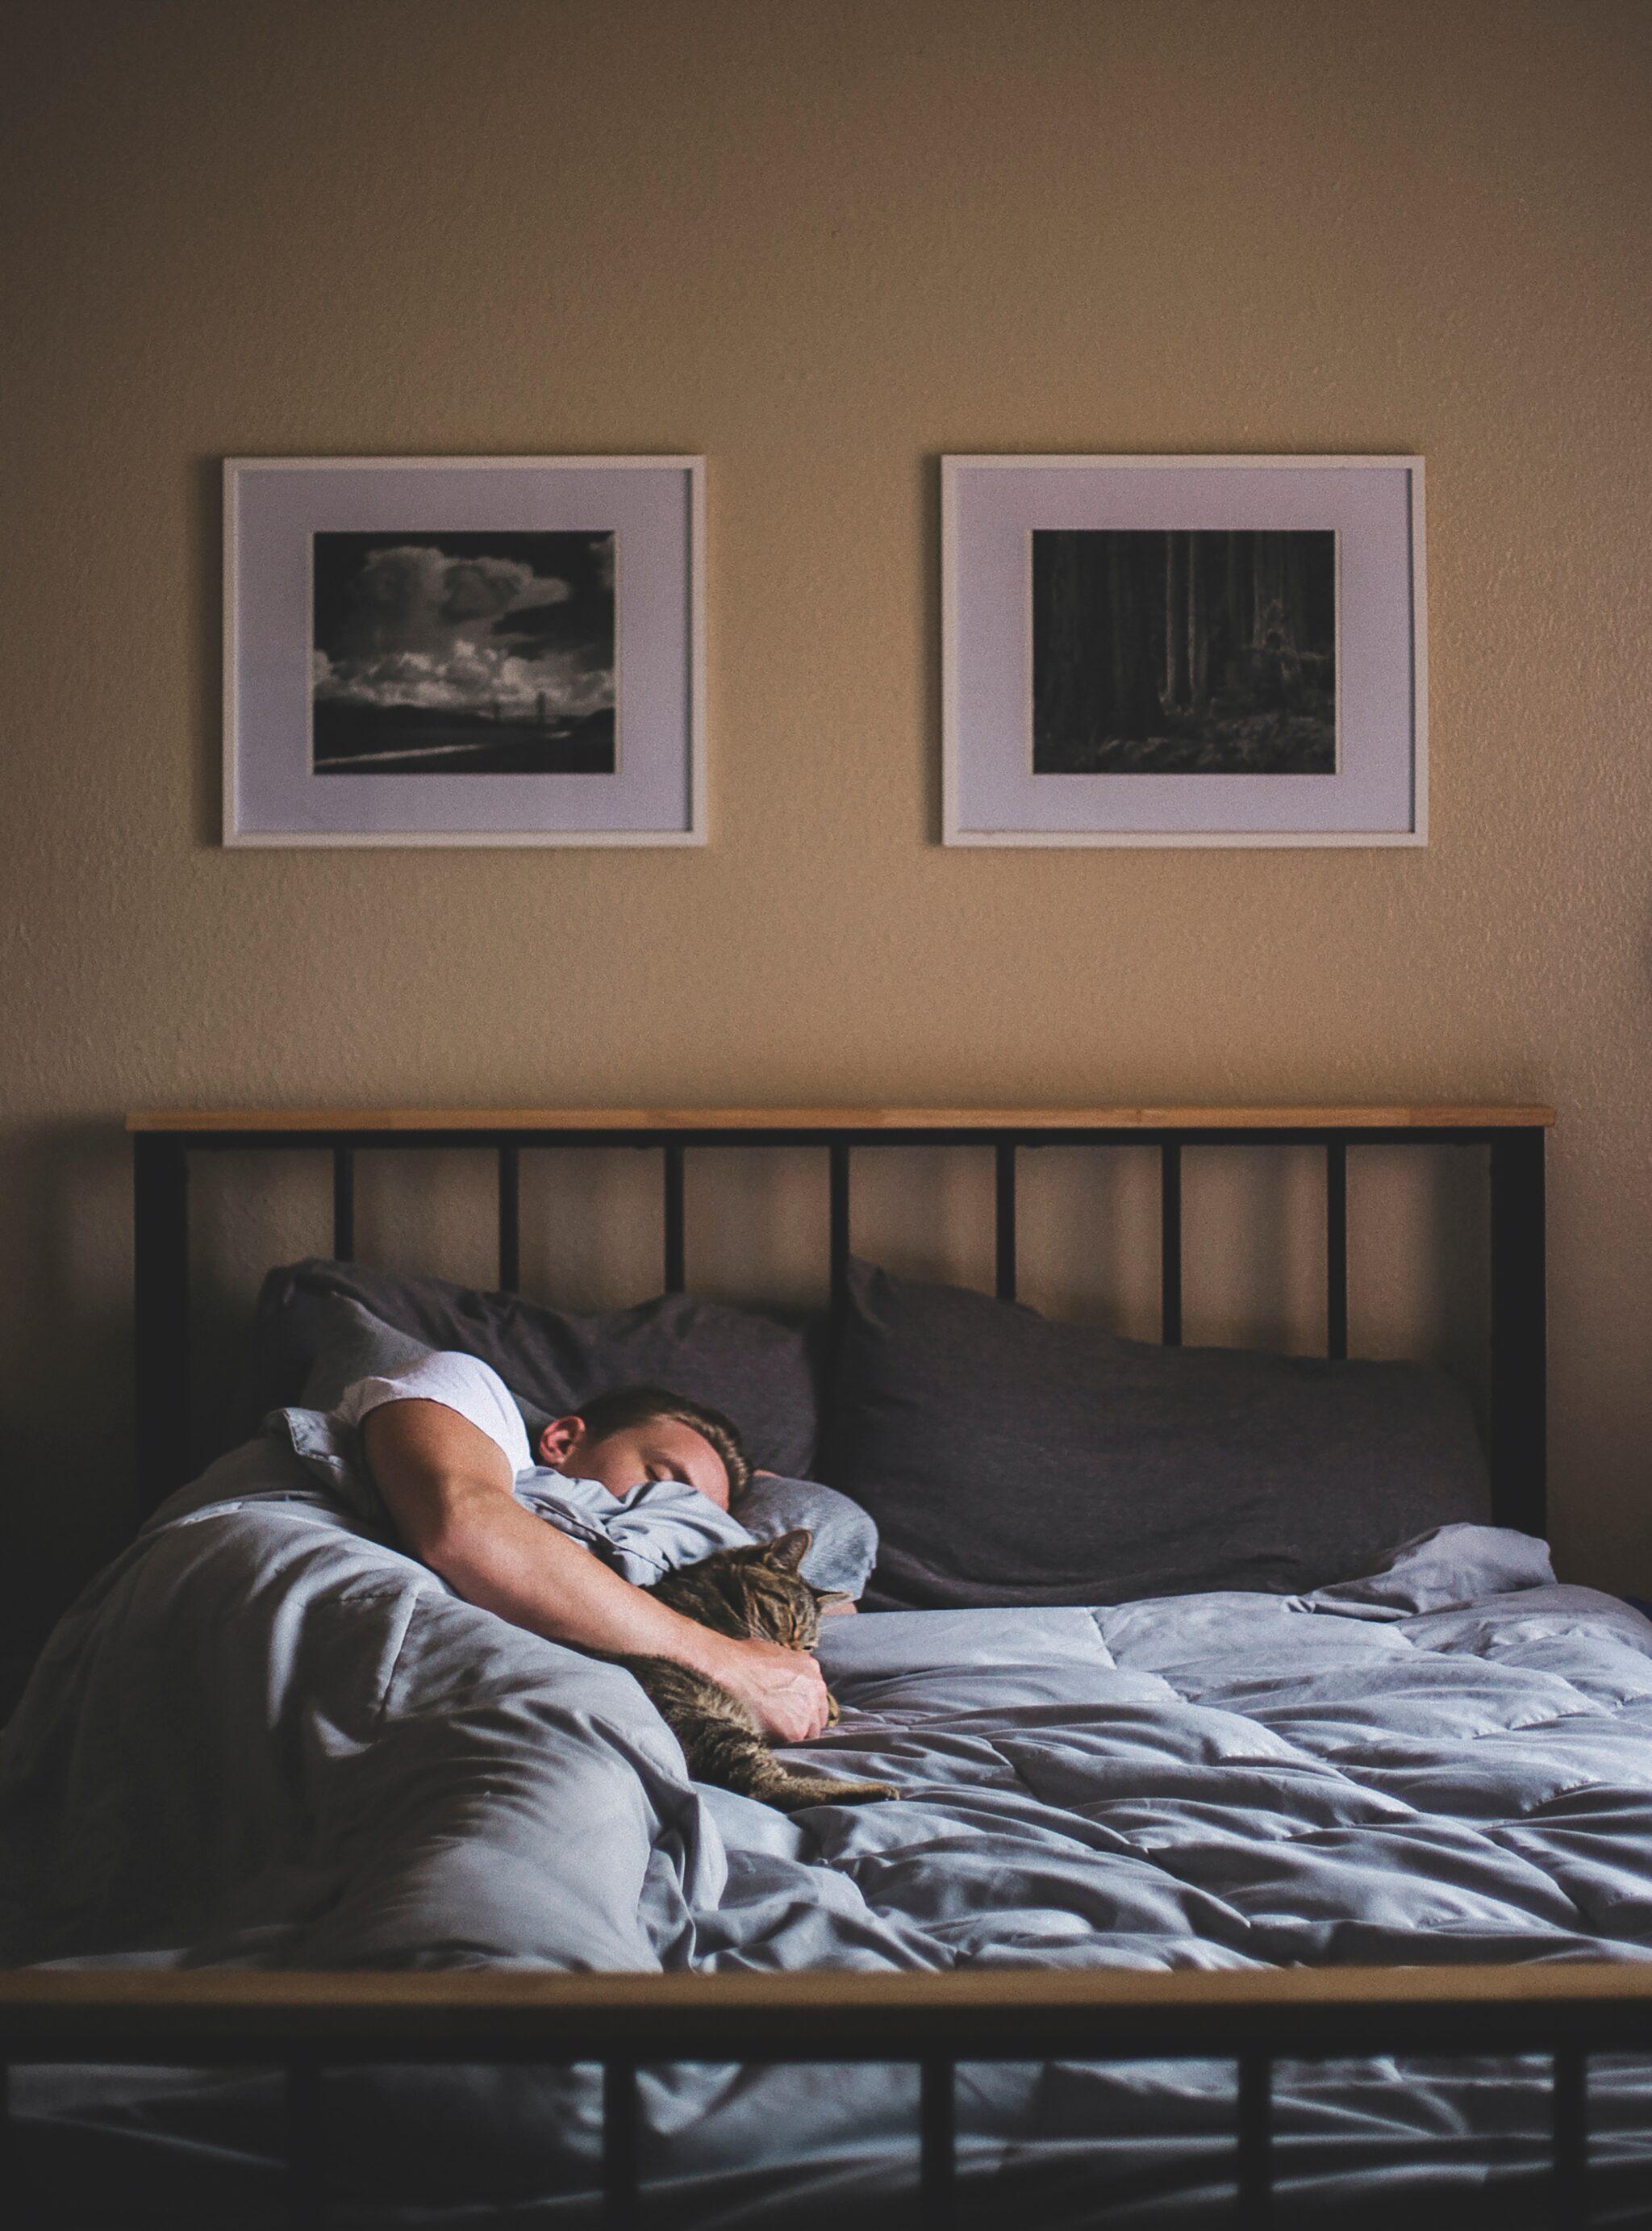 Ein Mann schläft in einem Bett.